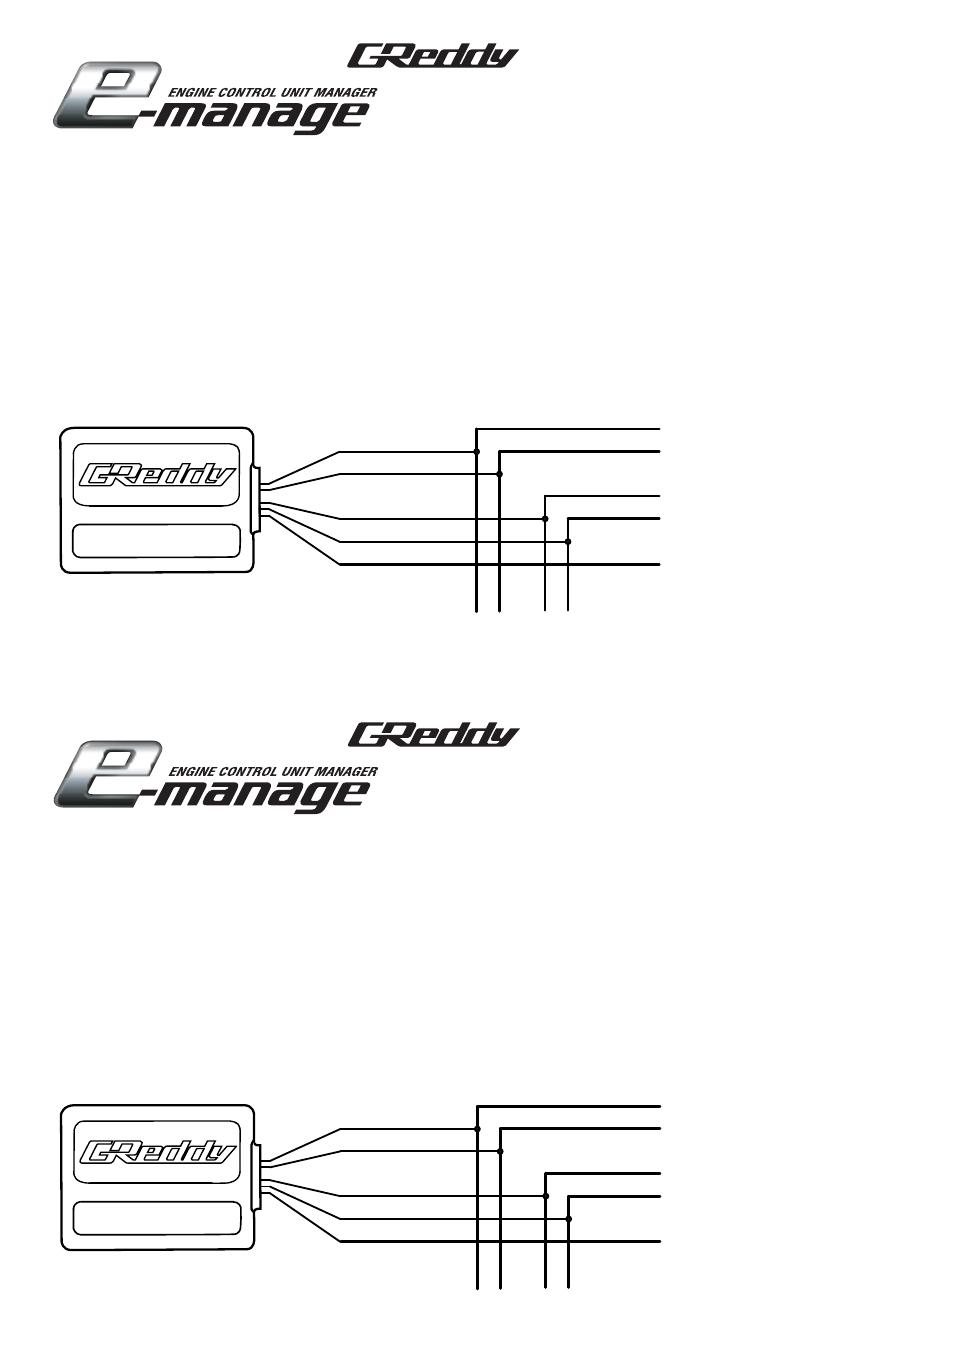 greddy e manage rpm adapter 2 user manual 1 page original mode rh manualsdir com Emanage Software G Reddy Emanage 350Z G Reddy